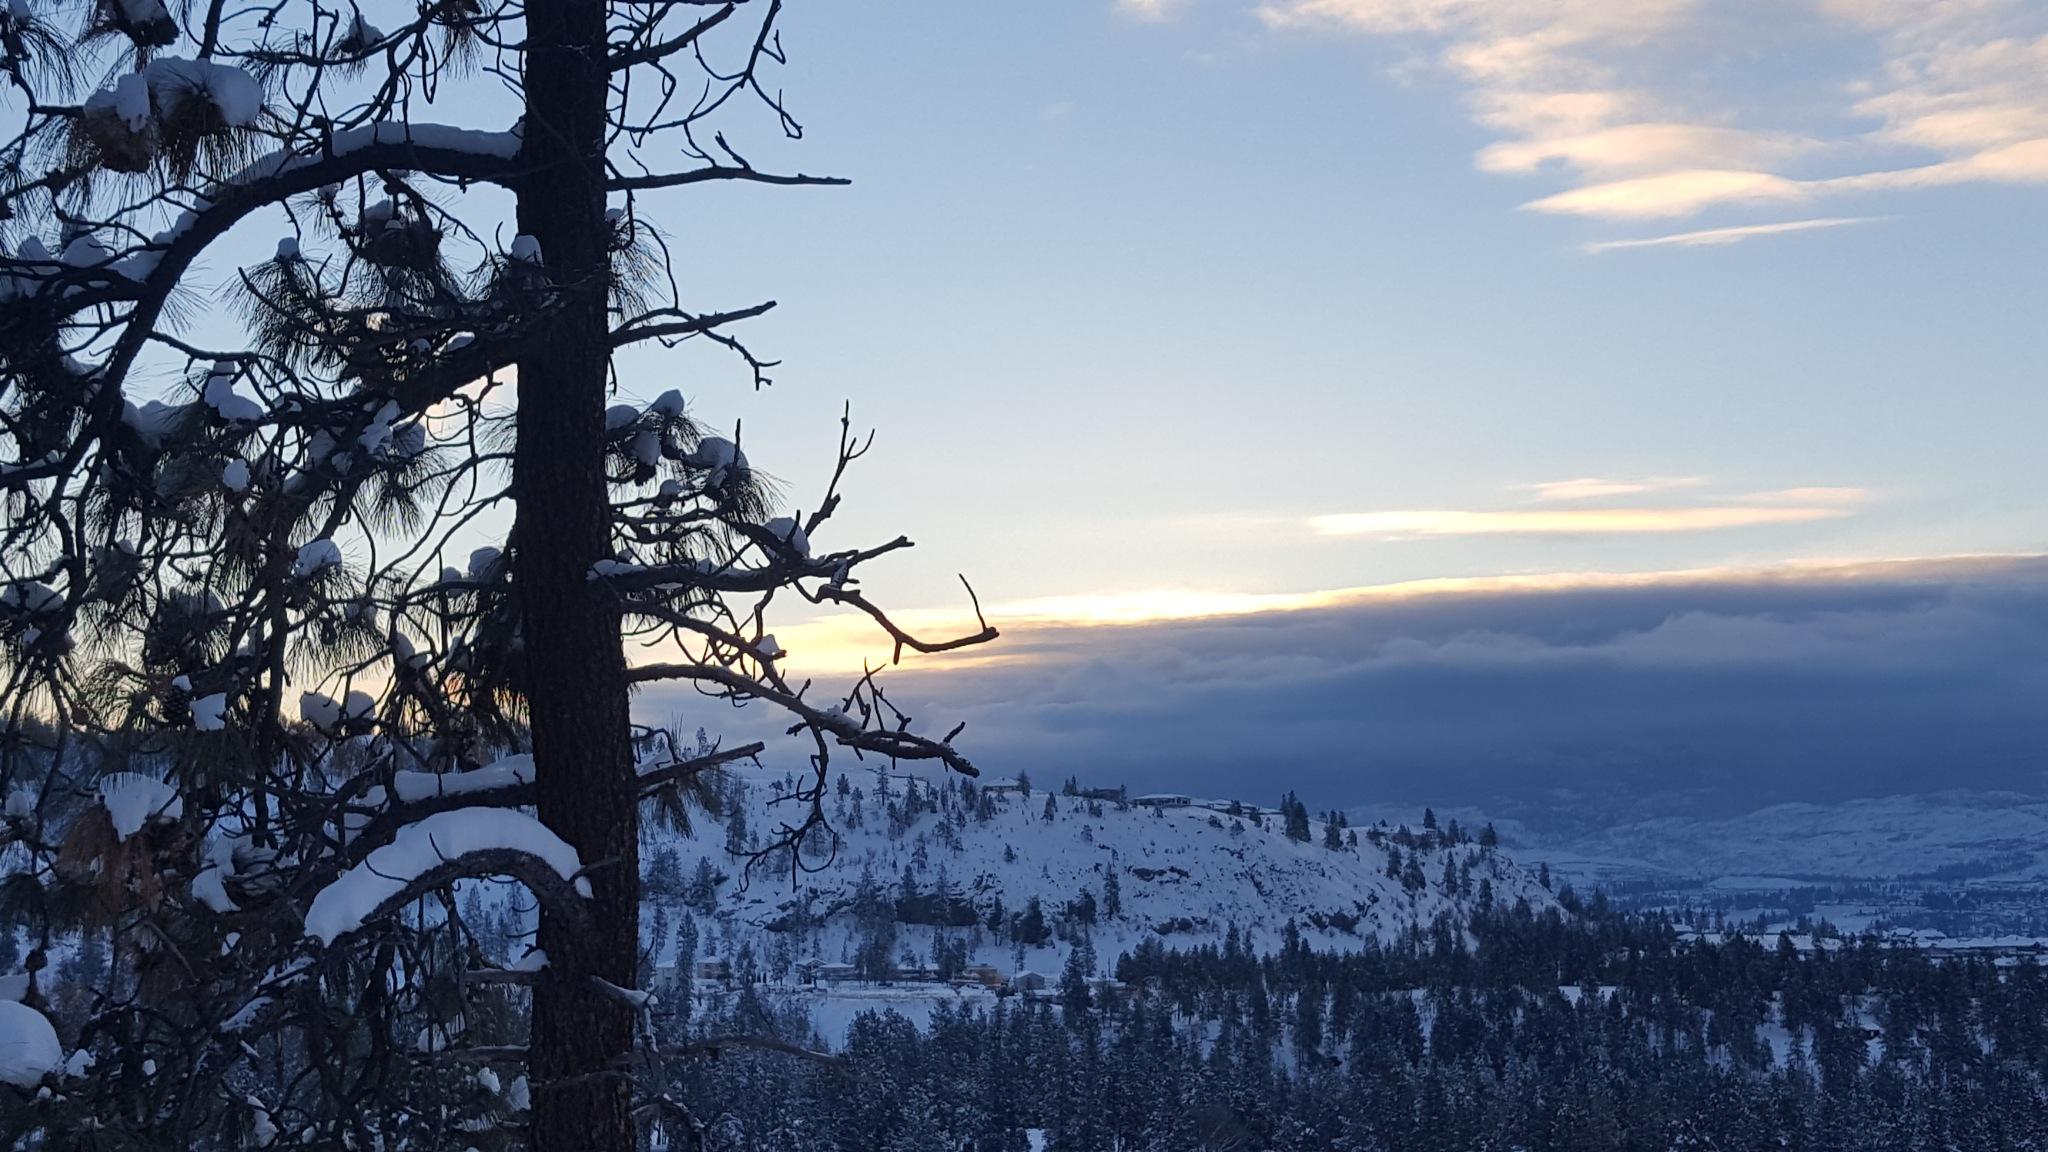 A Winter Wonderland by JeannieB